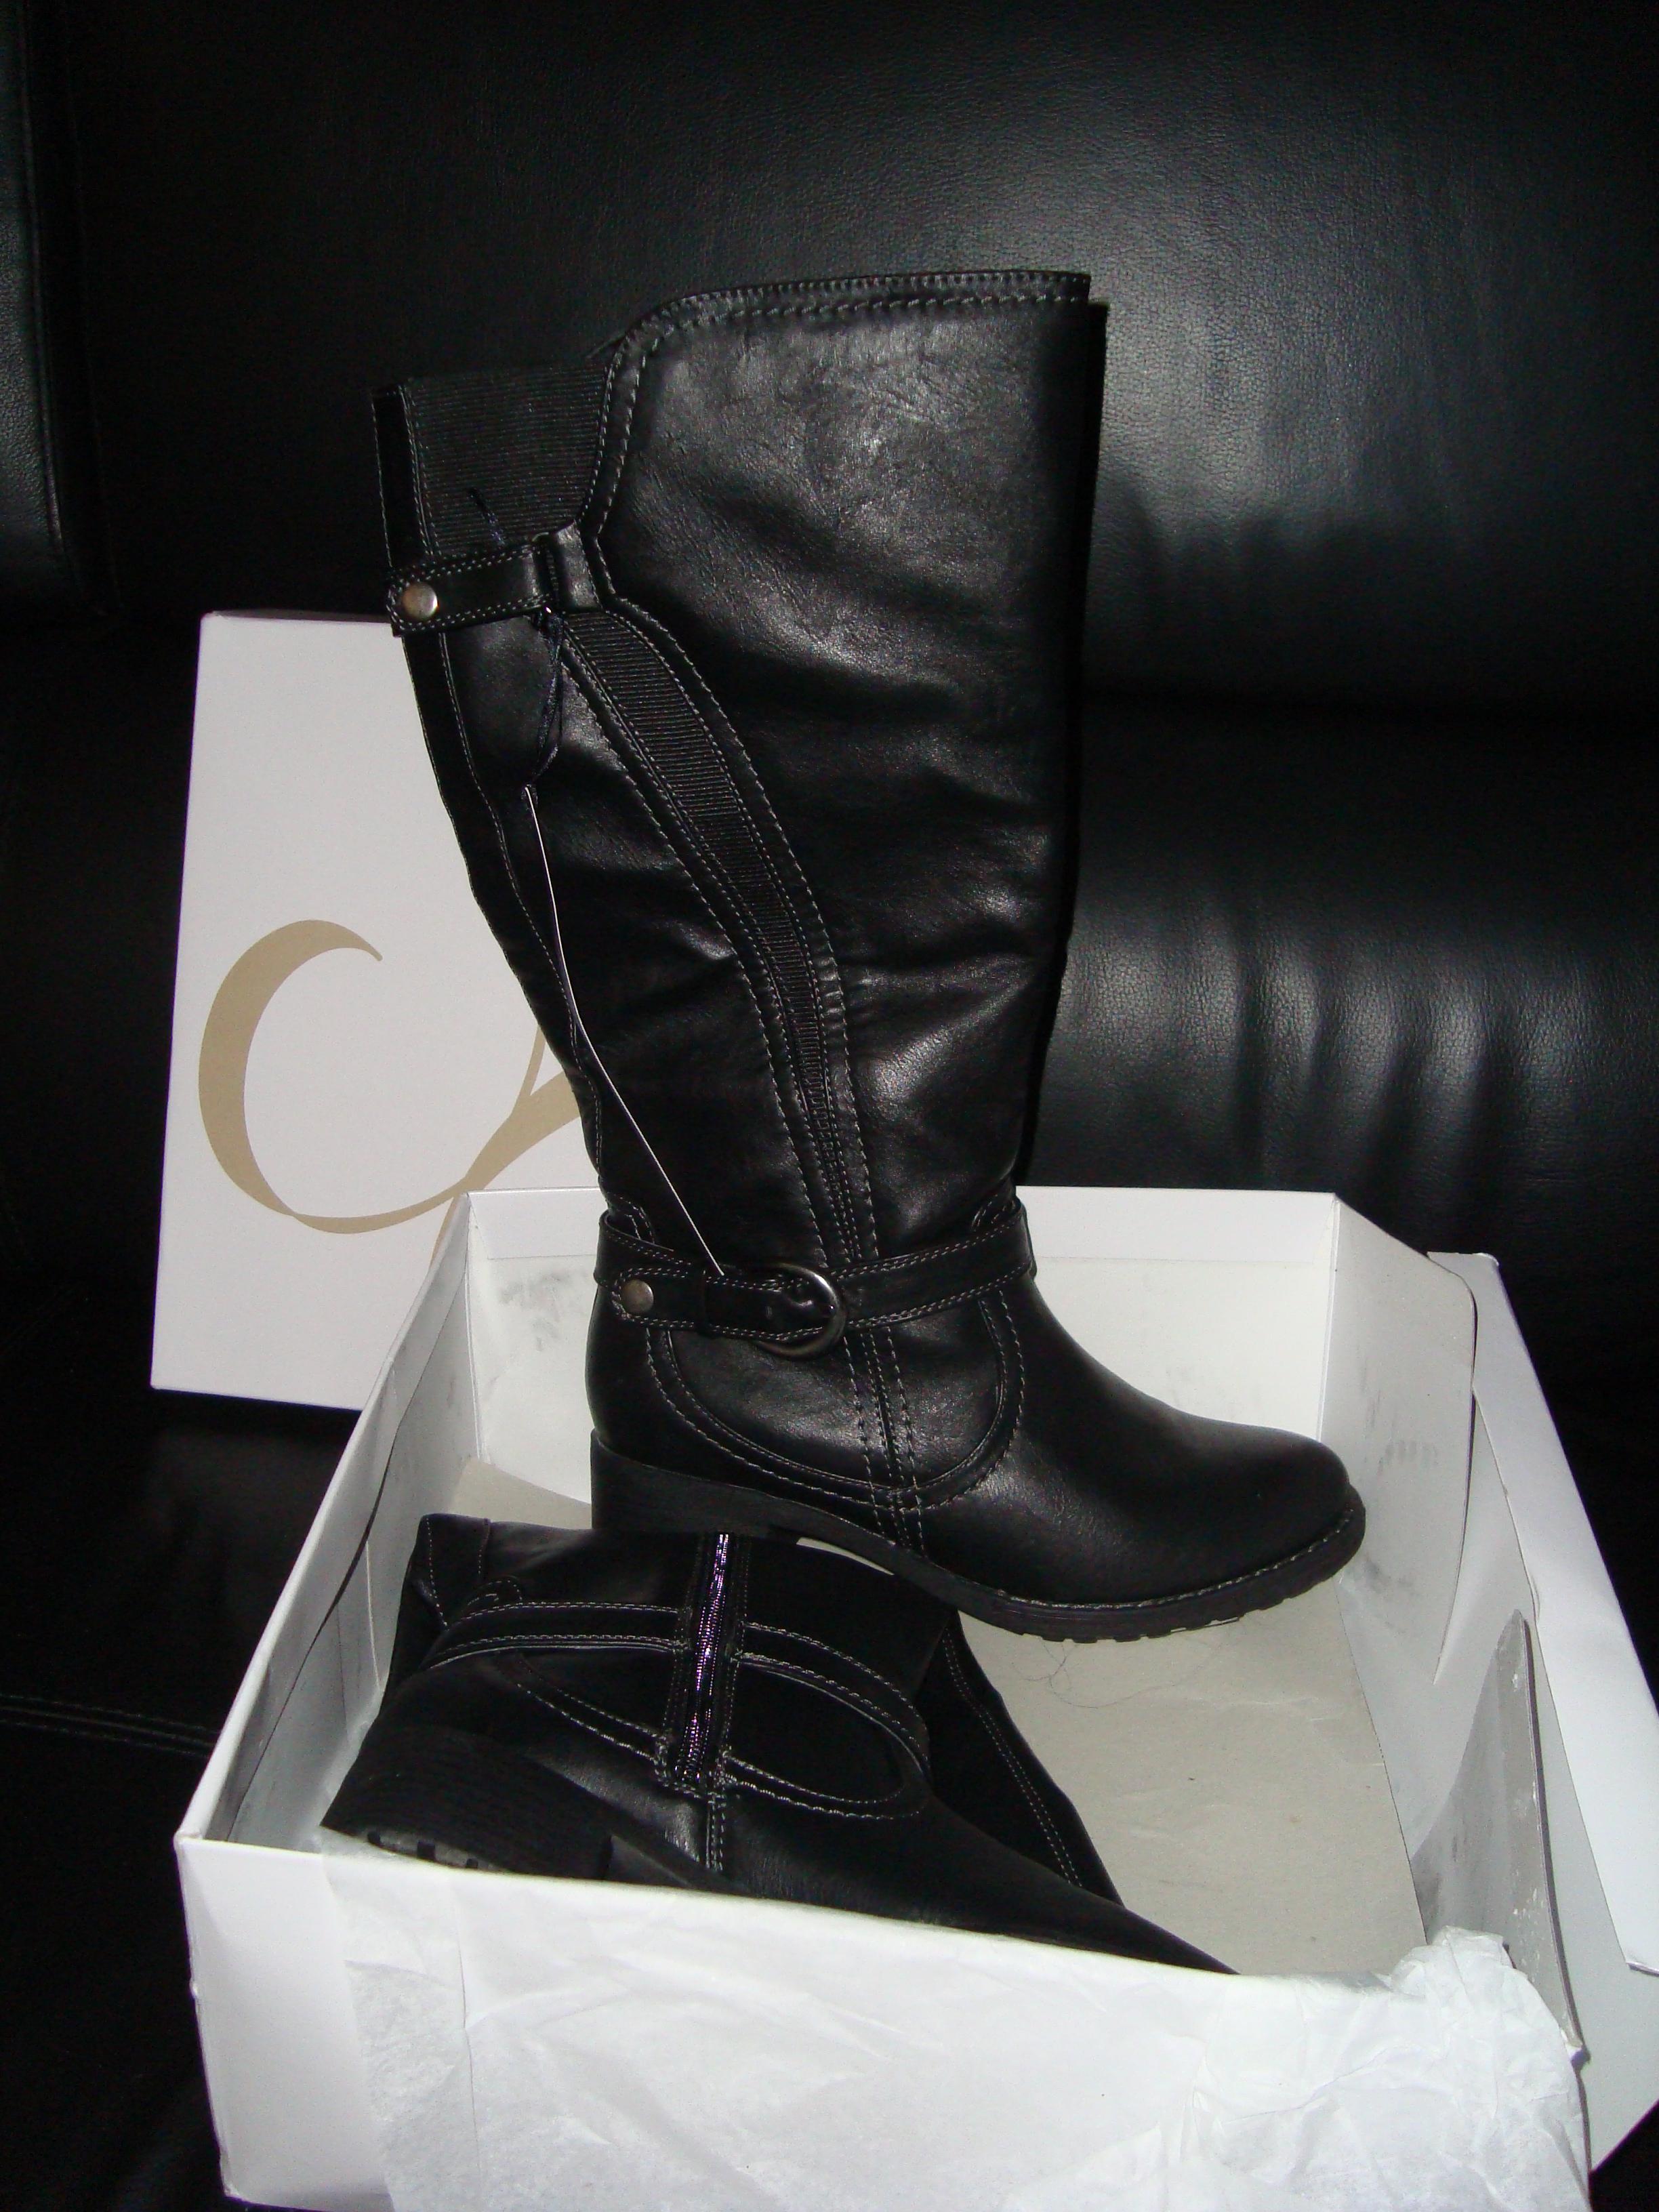 comprare popolare 2405c dda5e Stivali per le curvy con gambale xxl - TondaMente Curvy Blog